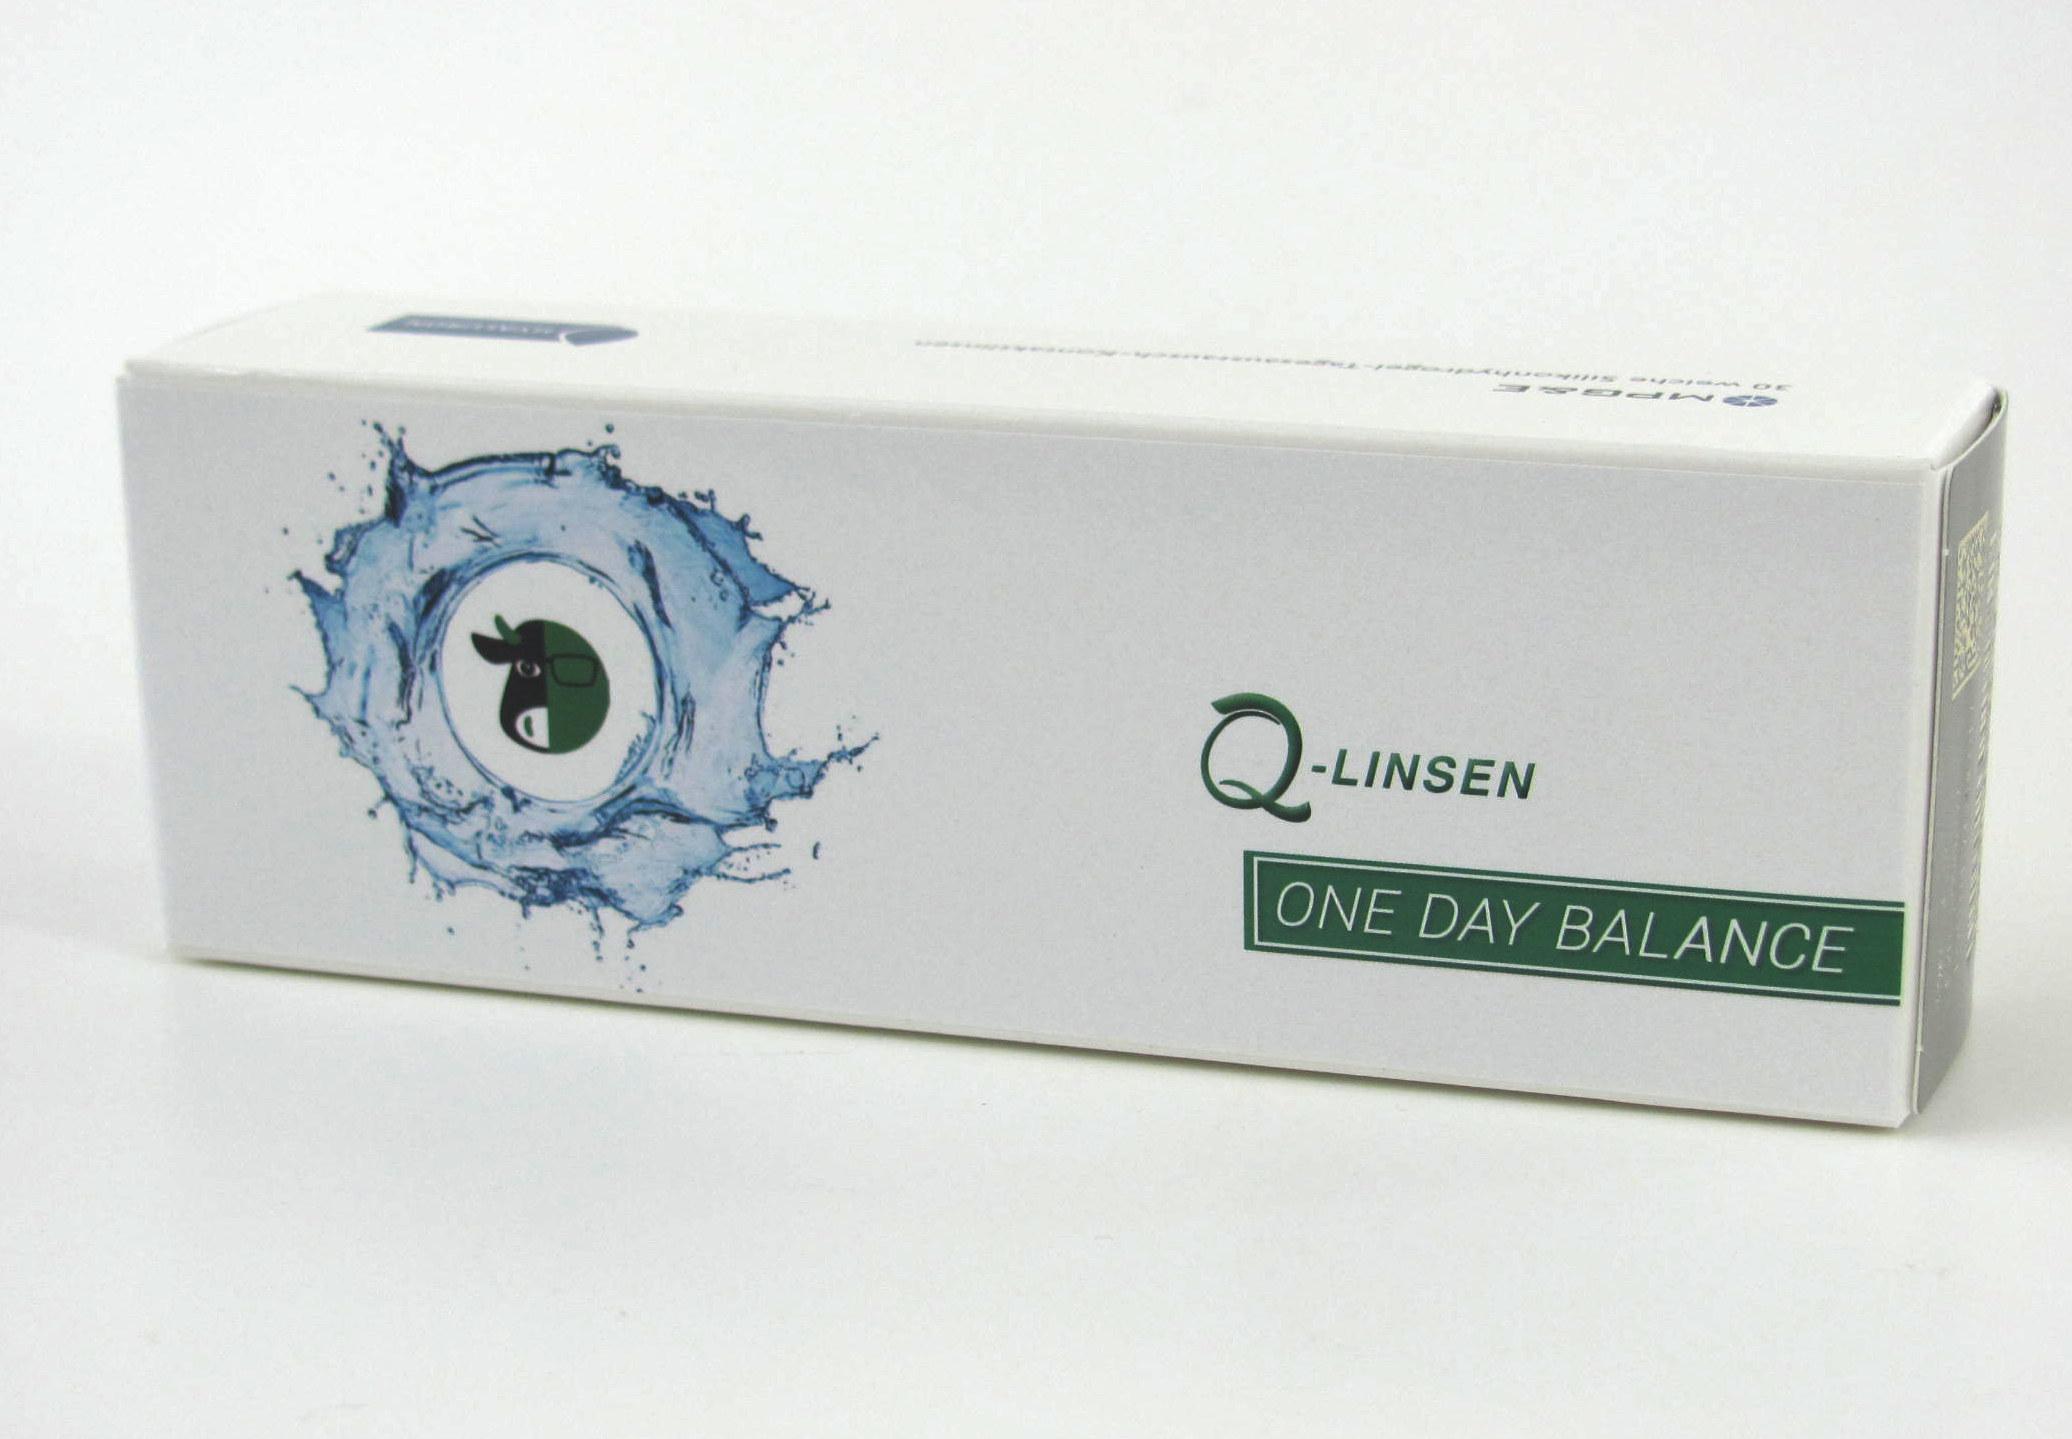 Q-Linsen One Day Balance Premium 30er Box